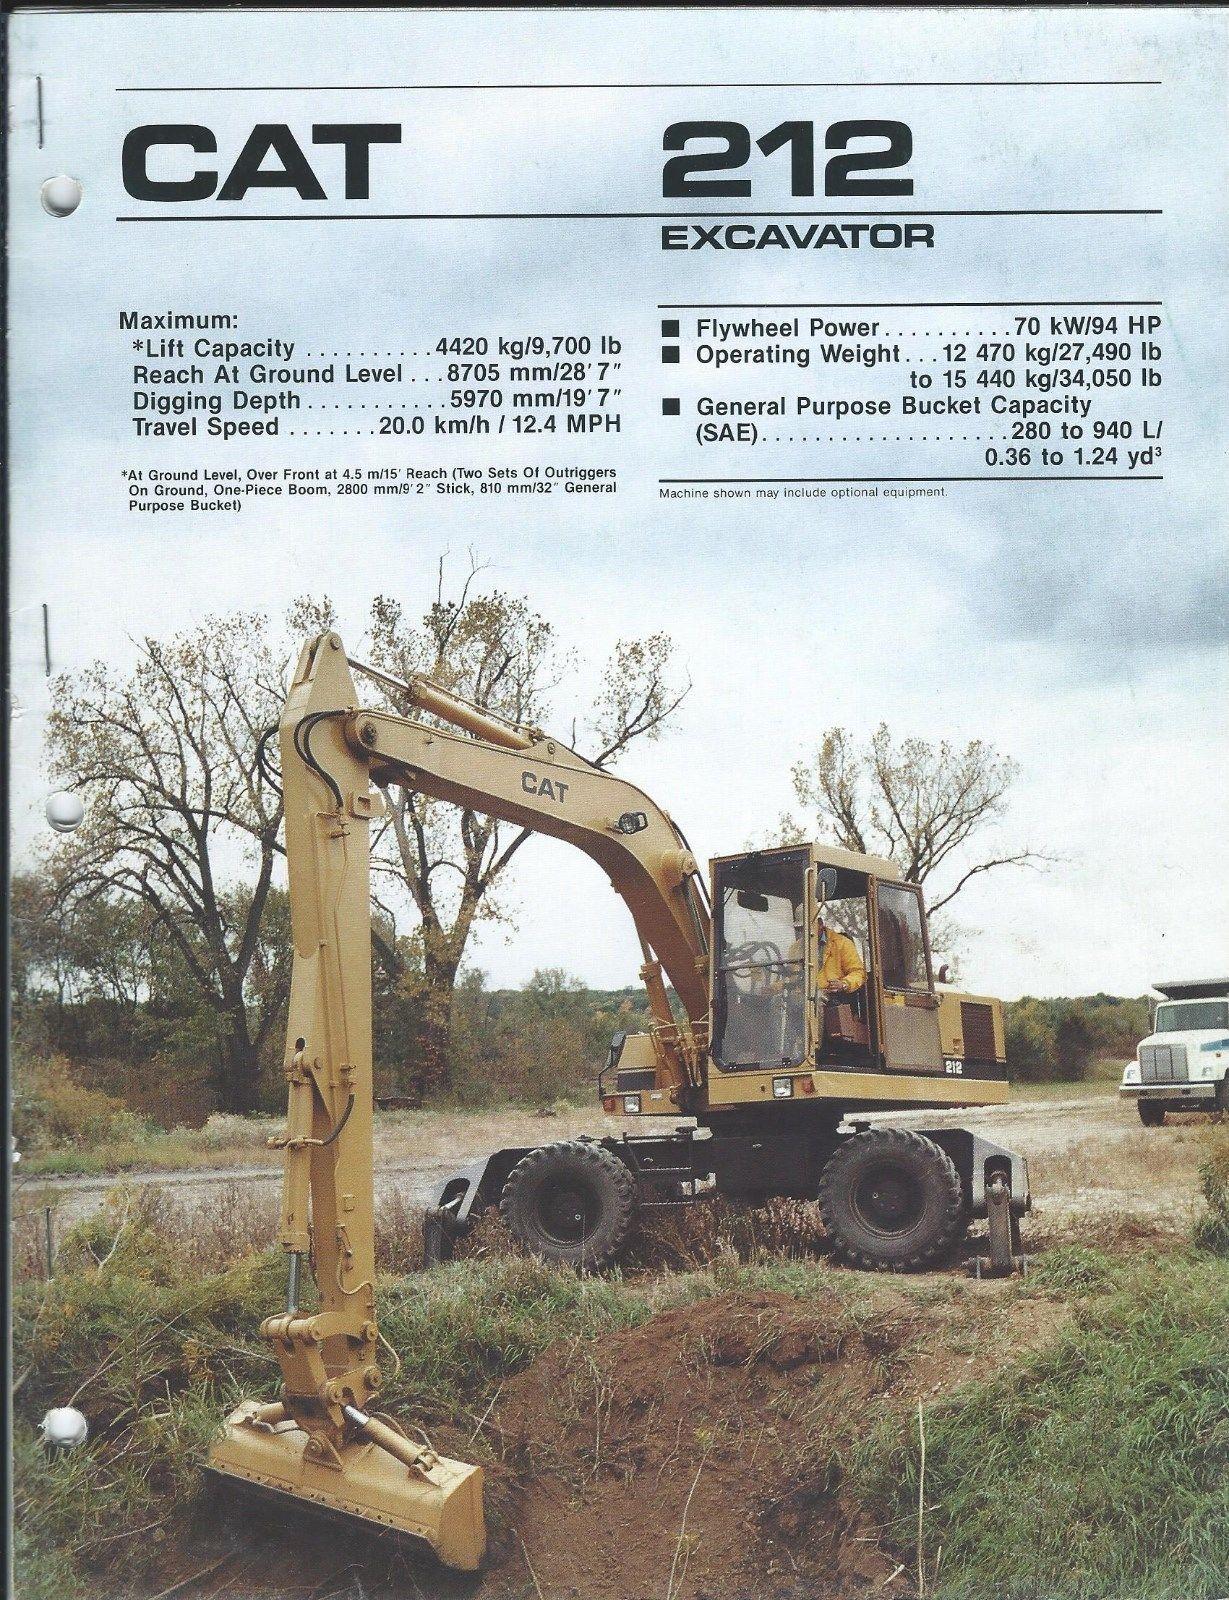 Details About Equipment Brochure - Caterpillar